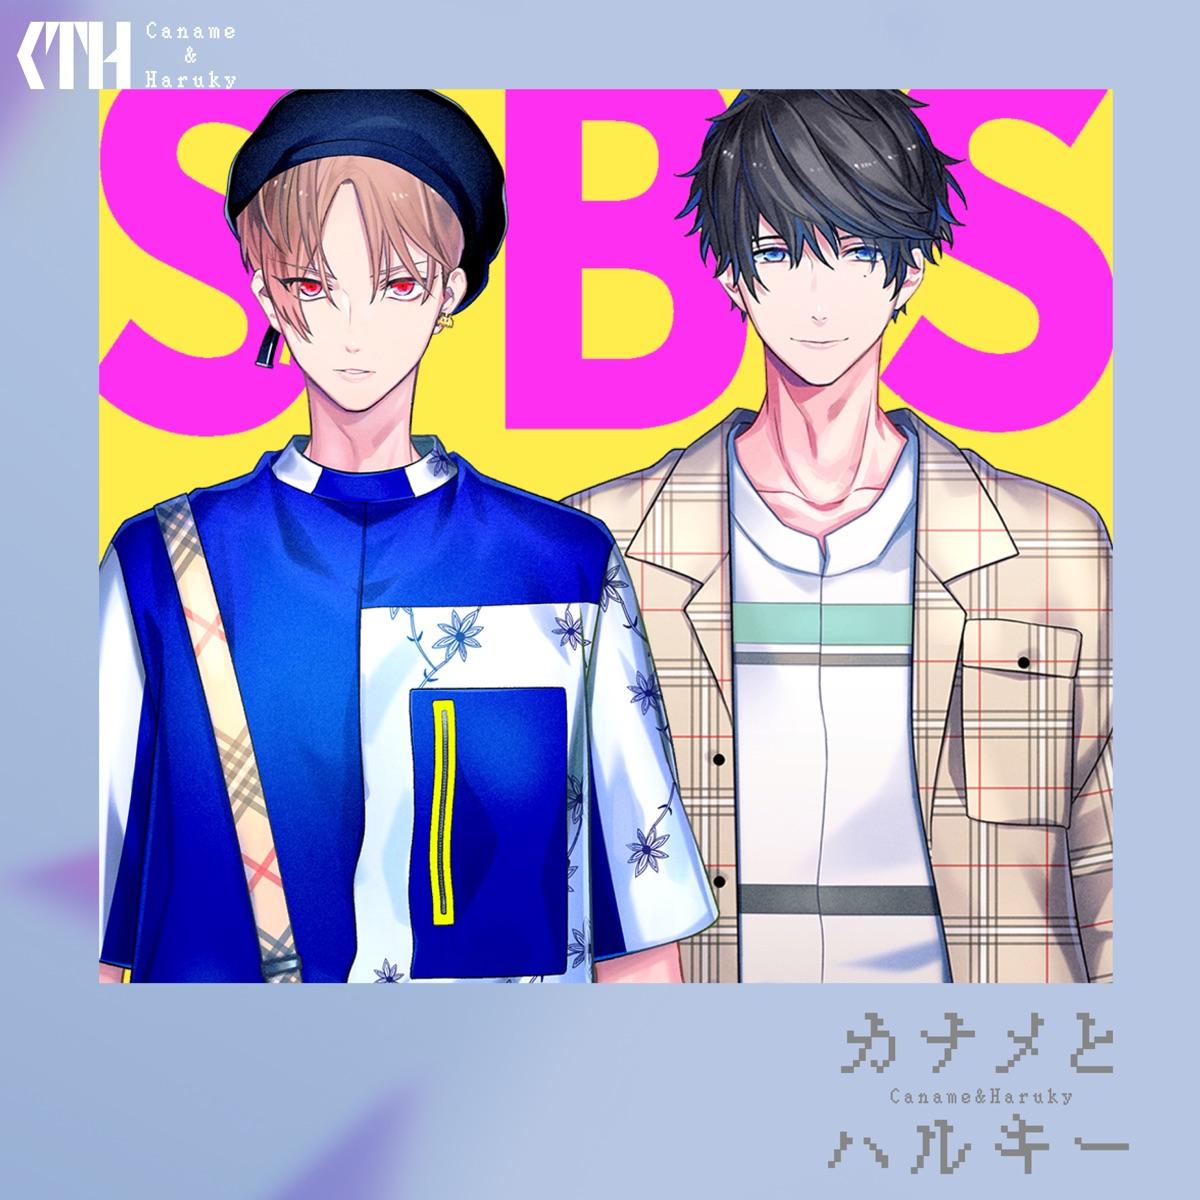 『カナメとハルキー - SBS』収録の『SBS』ジャケット